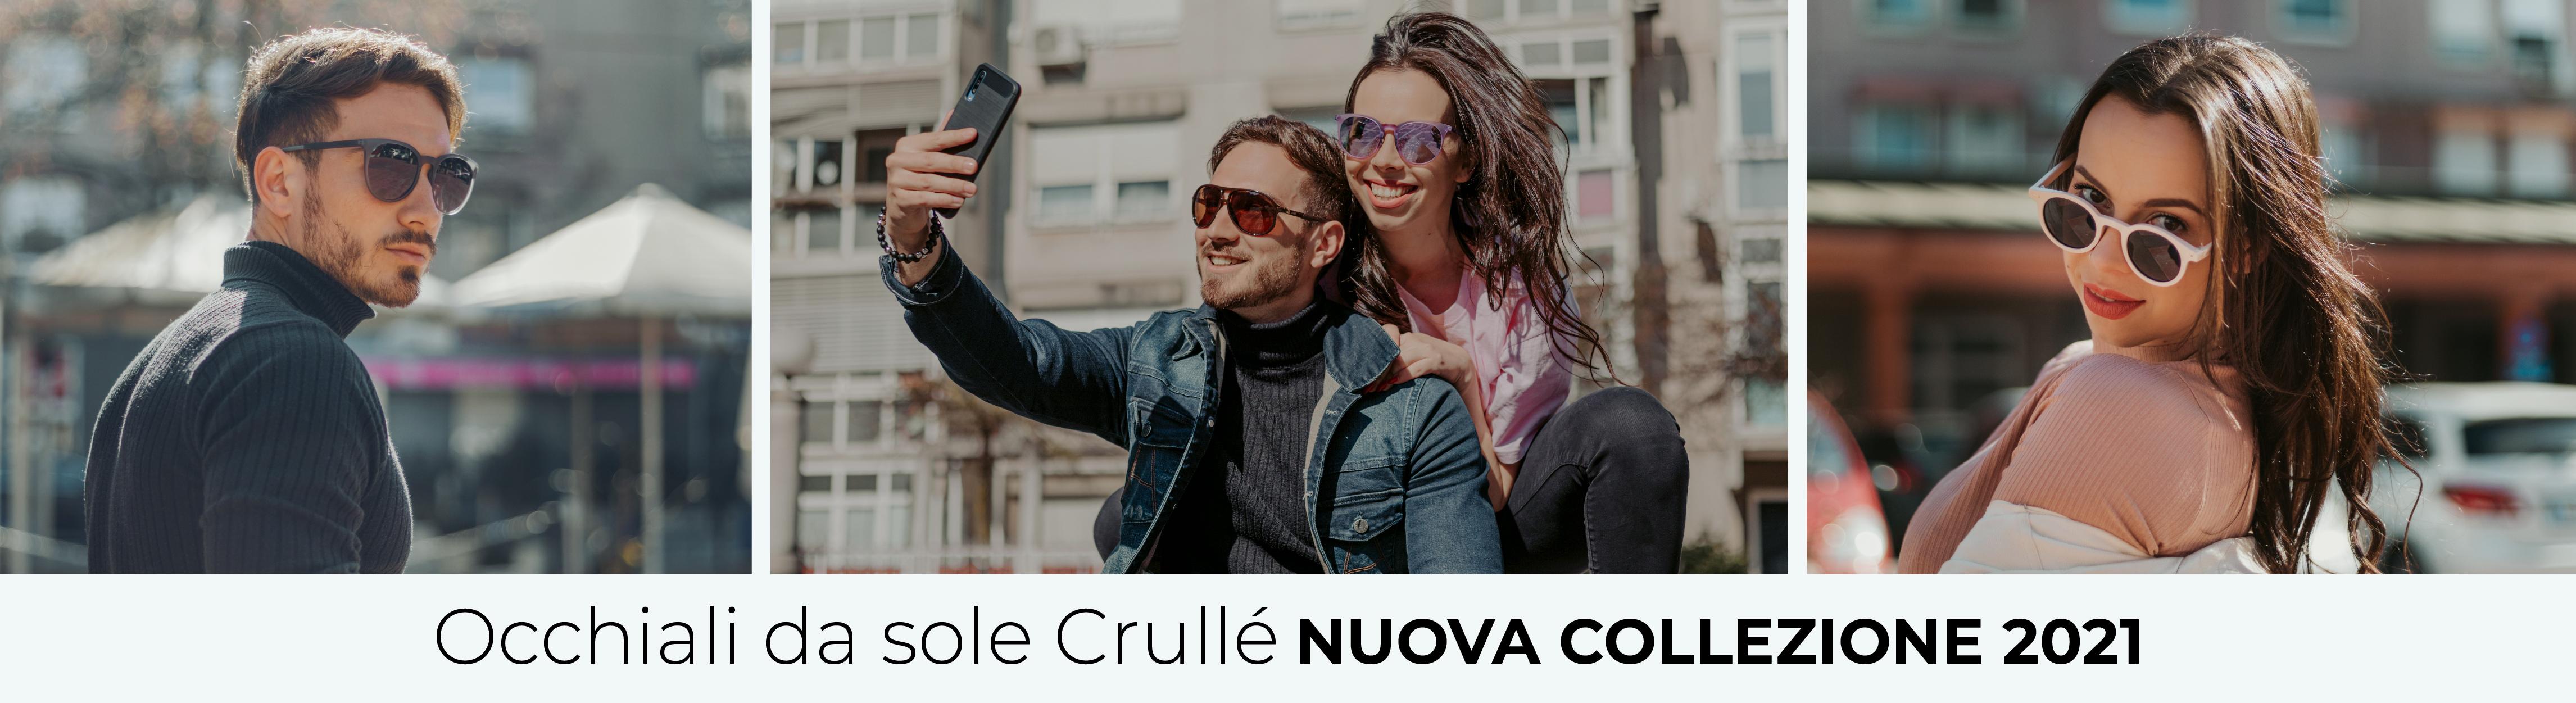 Nuova collezione occhiali da sole Crulle 2021